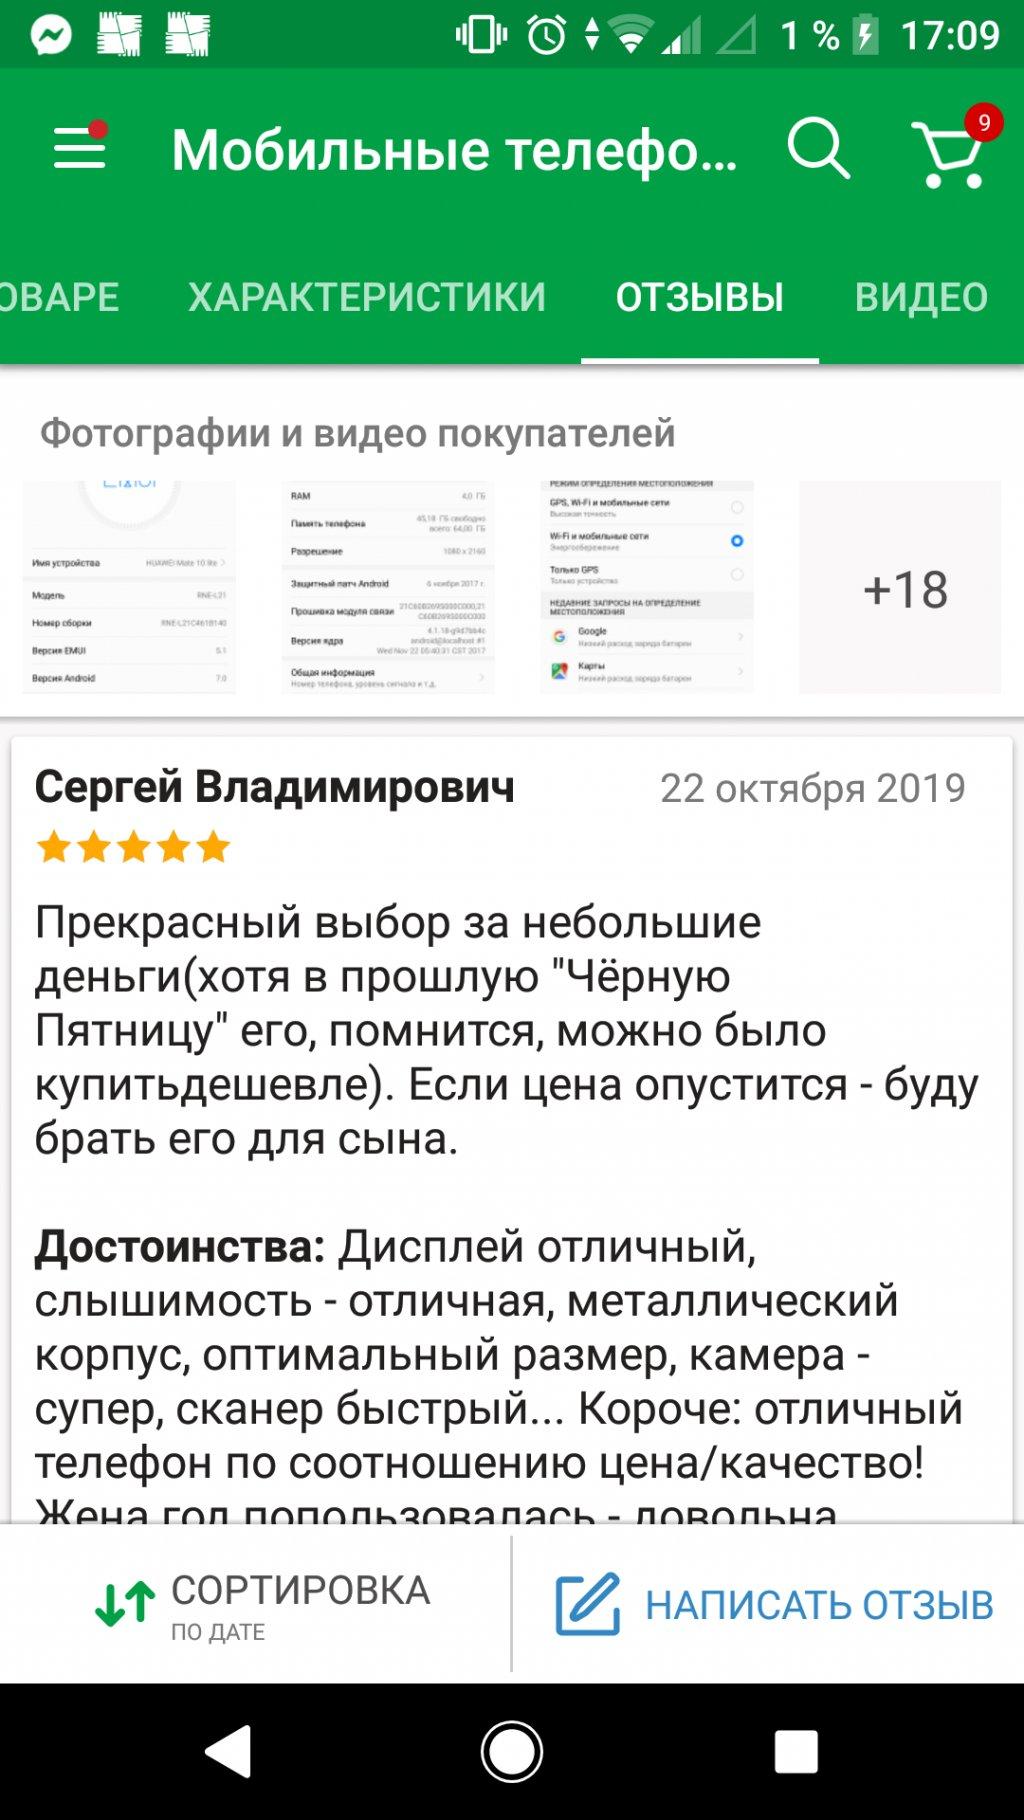 Розетка - интернет-магазин (rozetka.ua) - Розетка нанимает и пишет фейковые отзывы за деньги